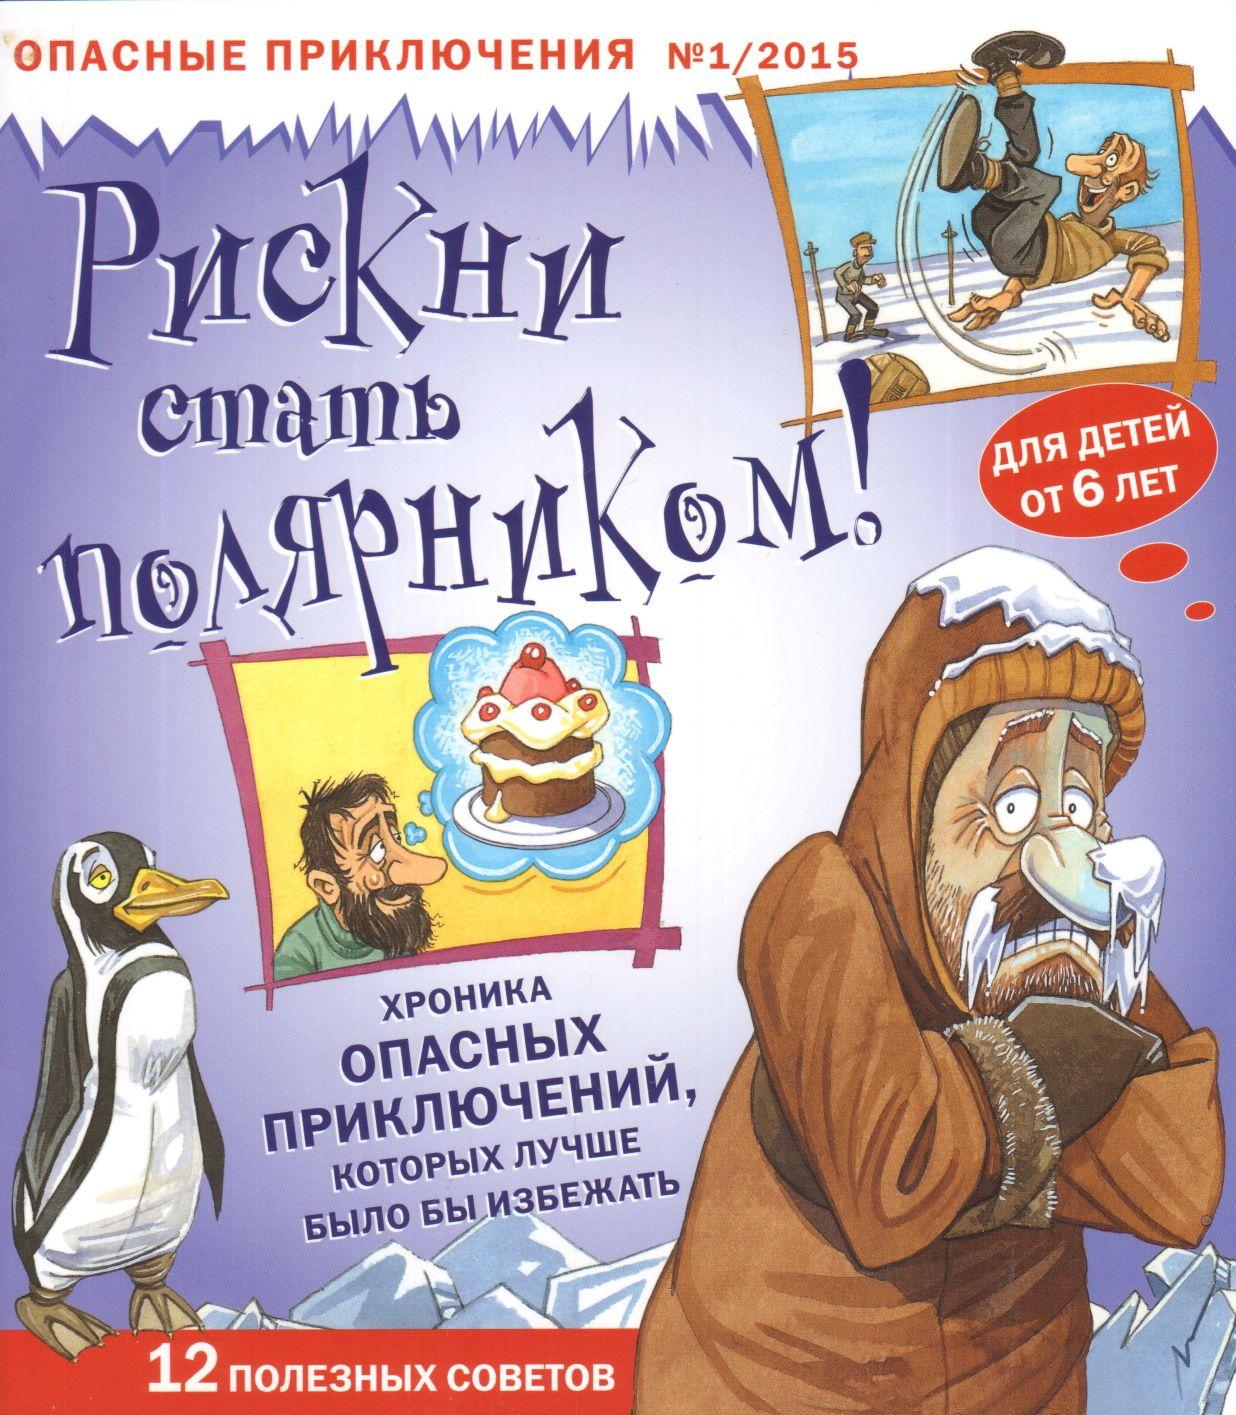 Рискни стать полярником! журнал №1/2015